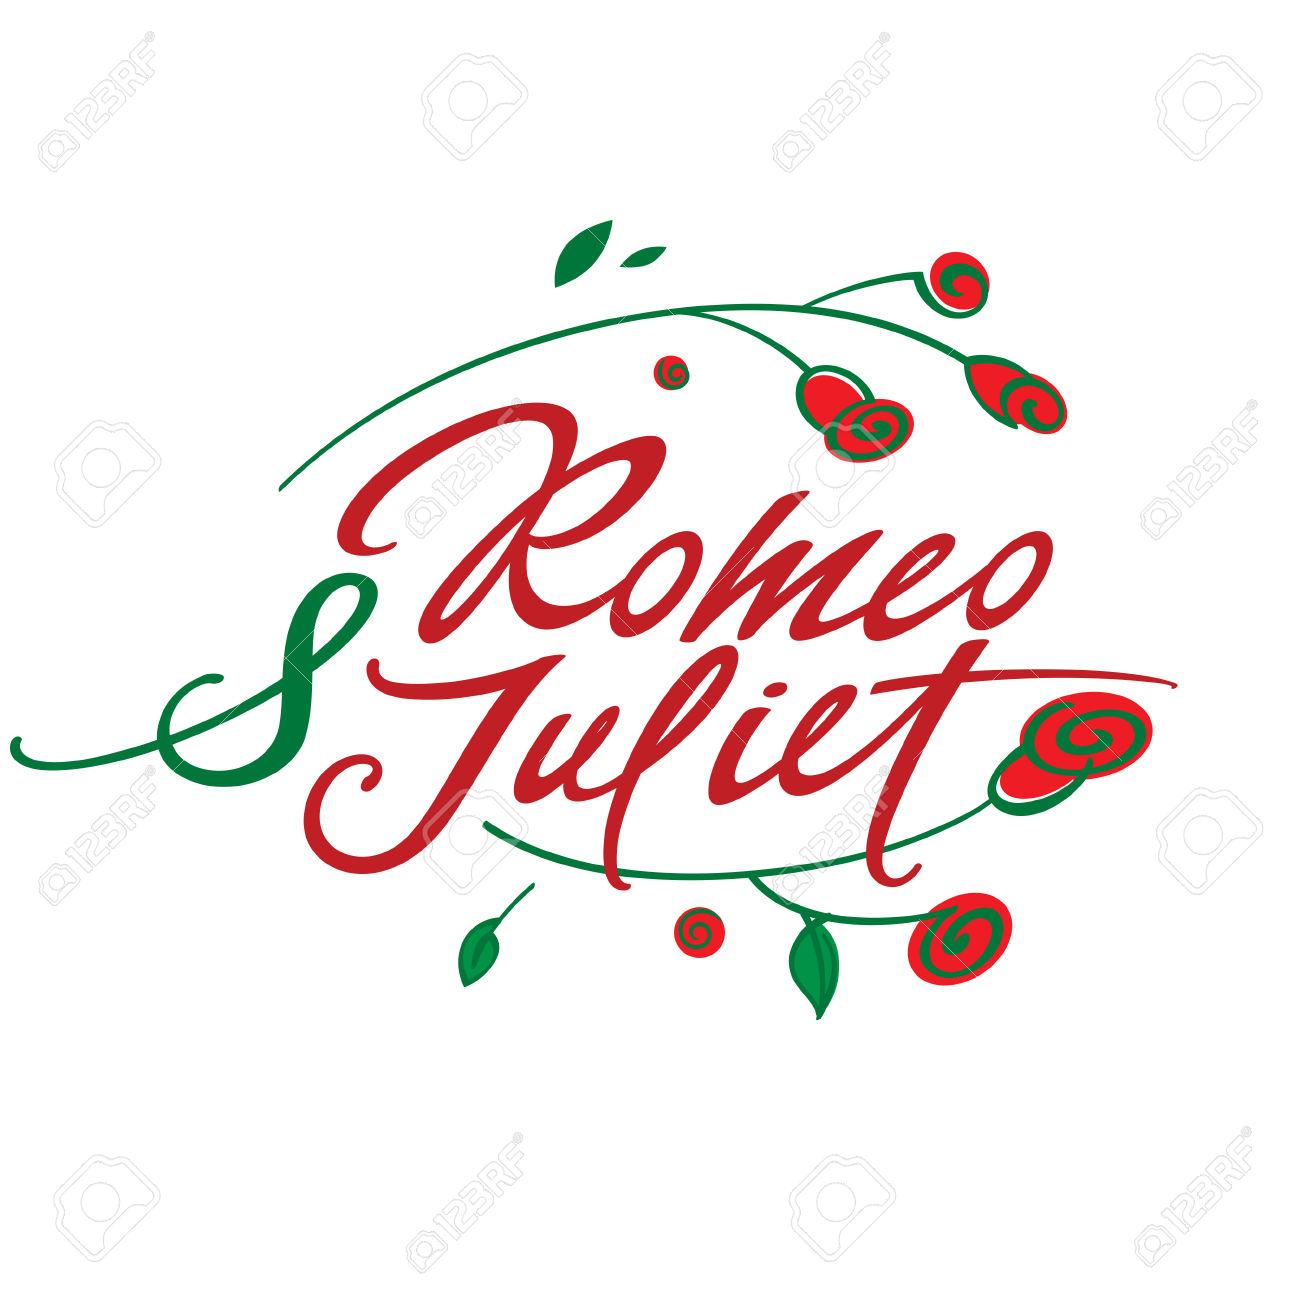 Romeo und julia clipart transparent stock Romeo Und Julia - Vektor Inschrift Mit Rosen Lizenzfrei Nutzbare ... transparent stock